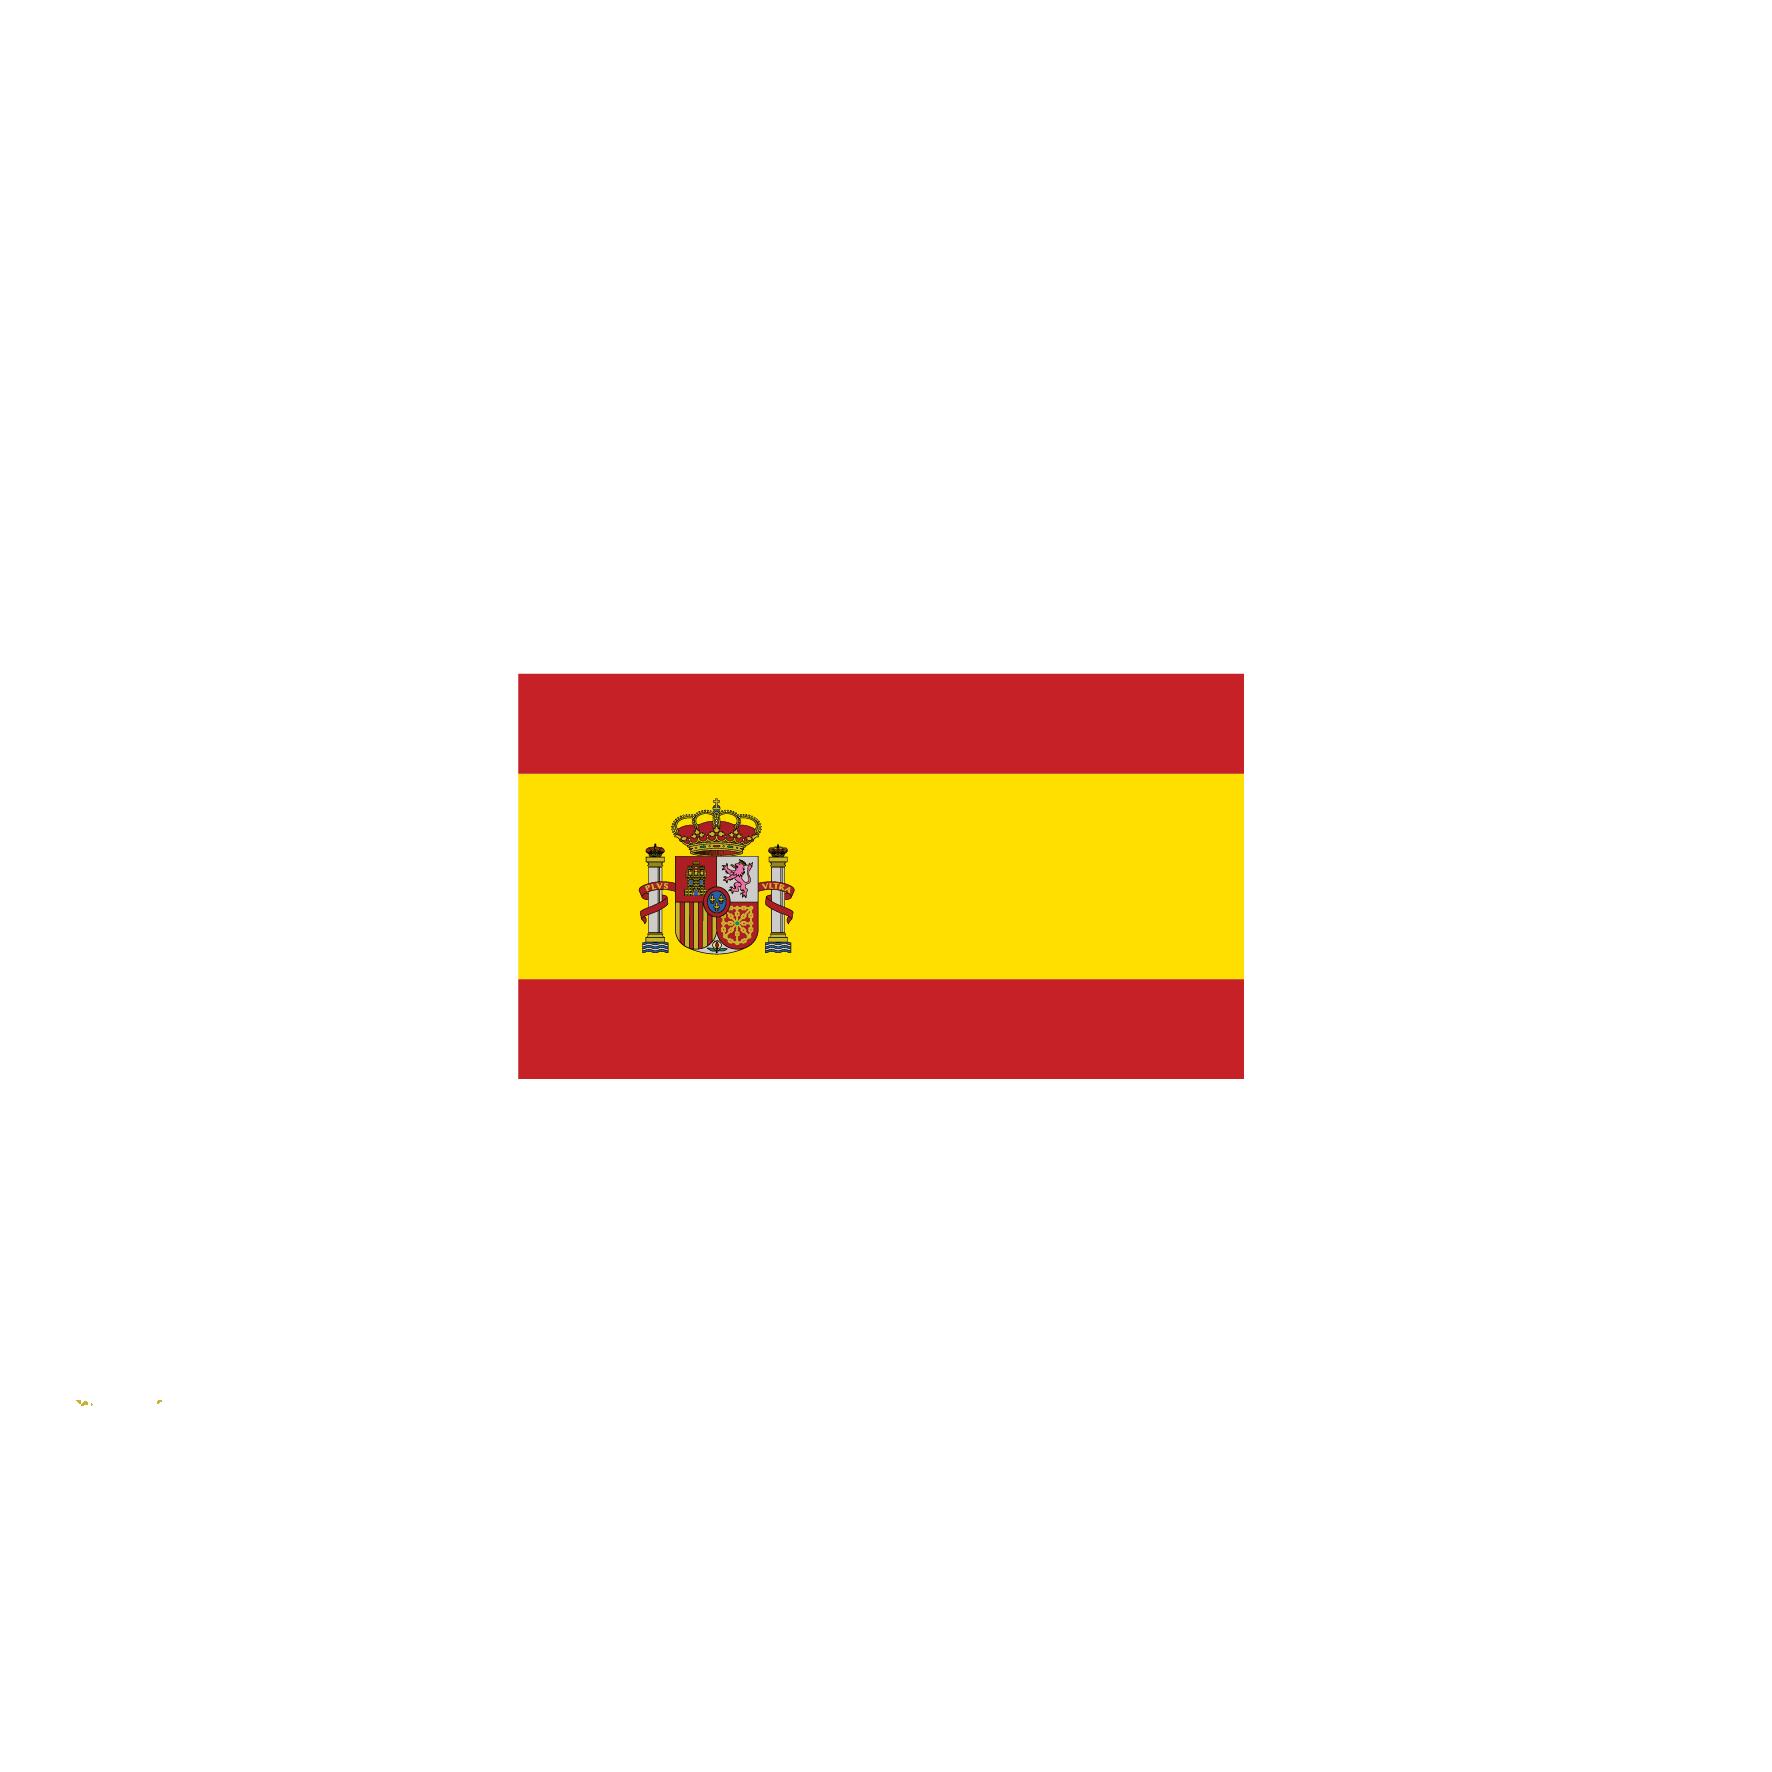 Festinema_2018_Flags_Spain-01.png